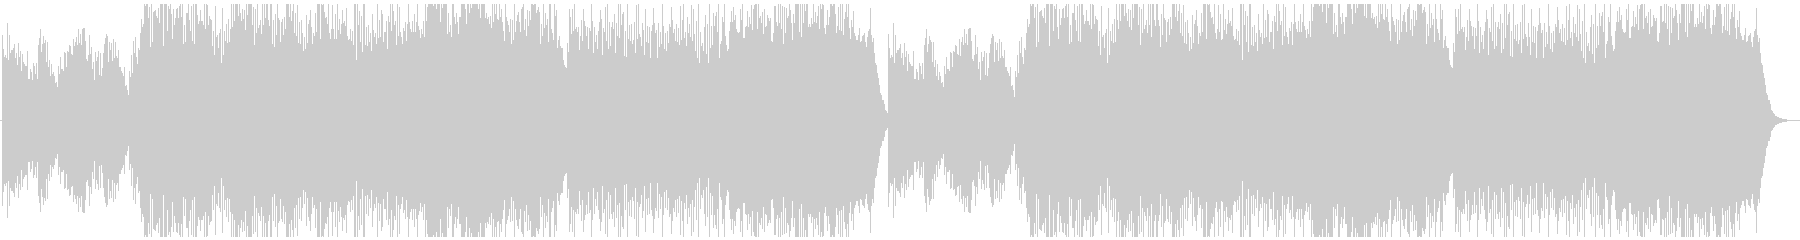 幻想的なヒーリングの未再生の波形